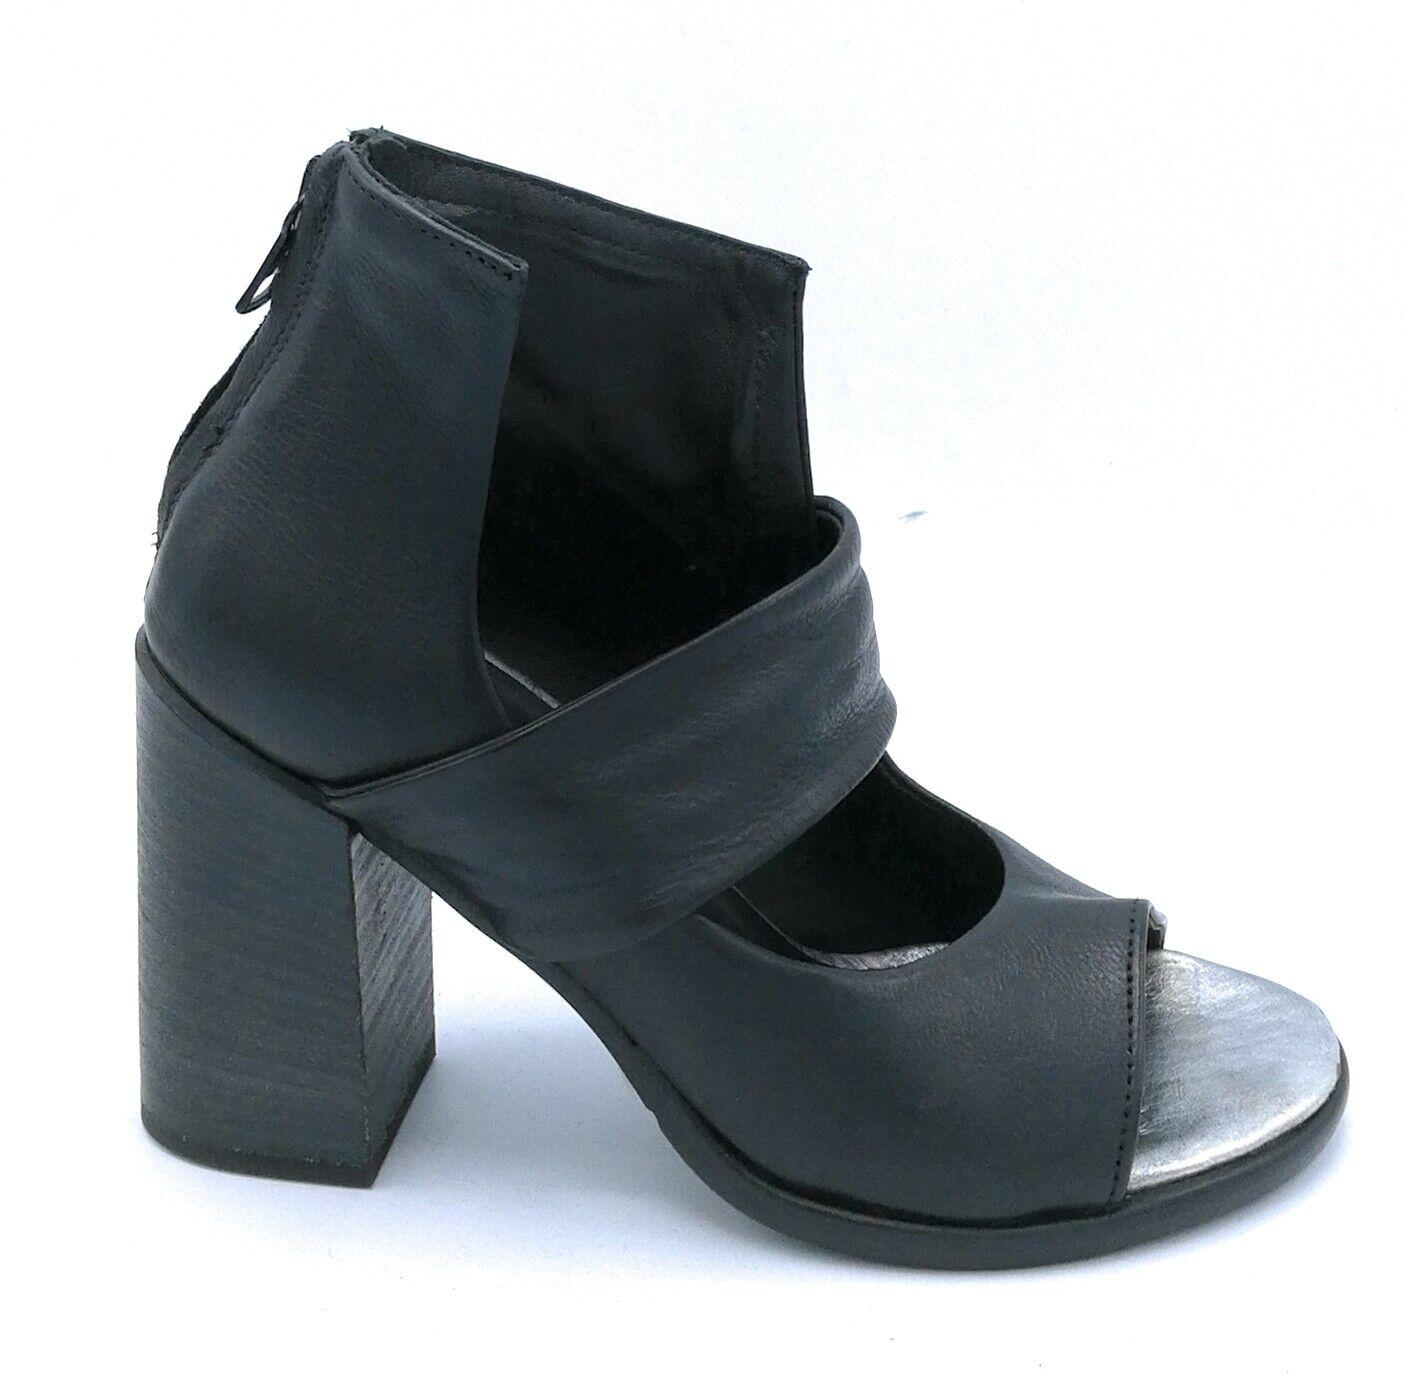 Mjus 780005 sandalo in pelle negro-plata con cerniera post. tacco largo 9 cm